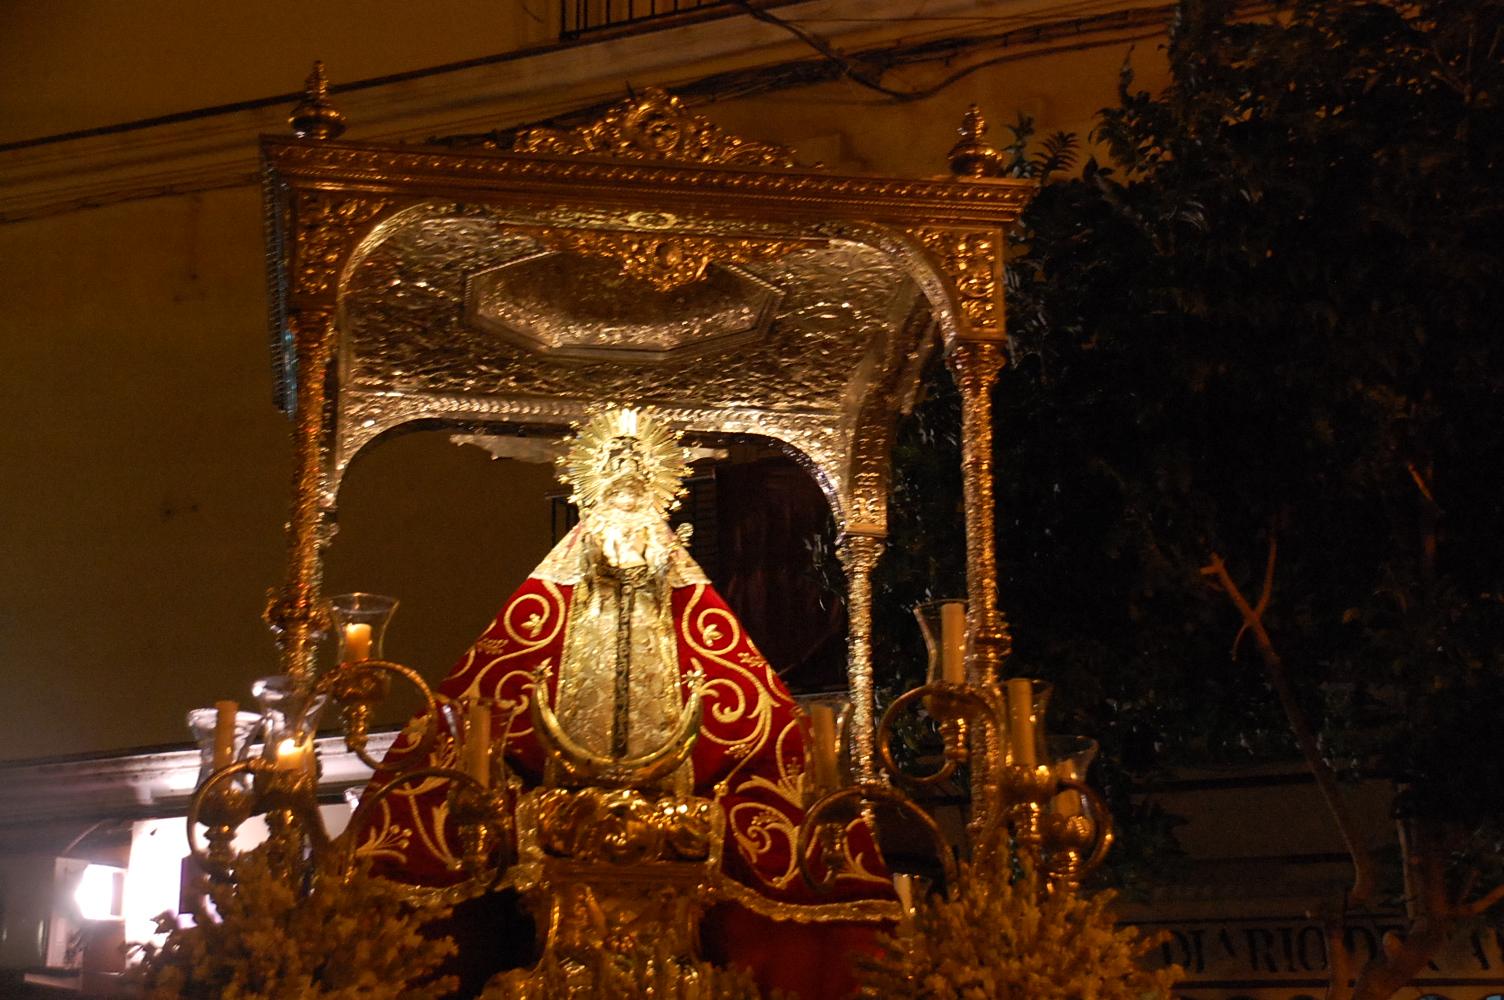 Nuestra Señora de los Remedios de Chiclana, remedio a los Infortunios, España (27 feb, 8 sept)